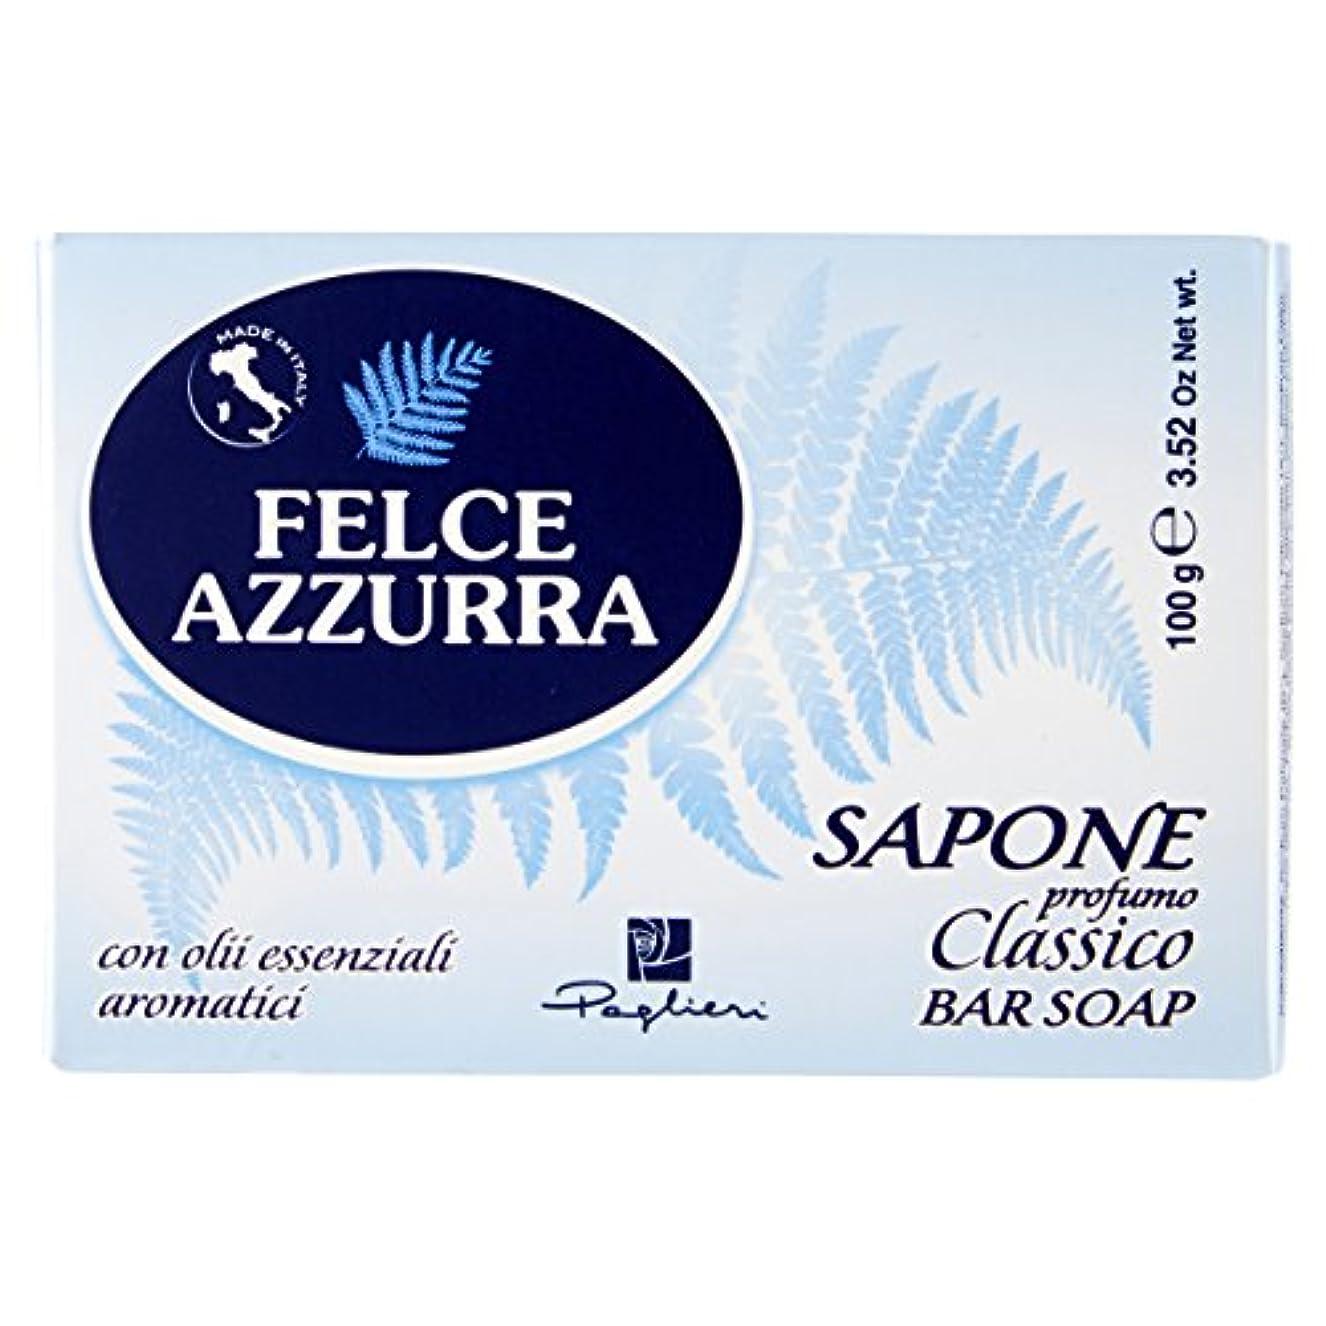 劇作家新しさ文化Felce Azzurra Classico Bar Soap 100g soap by Felce Azzurra by Felce Azzurra